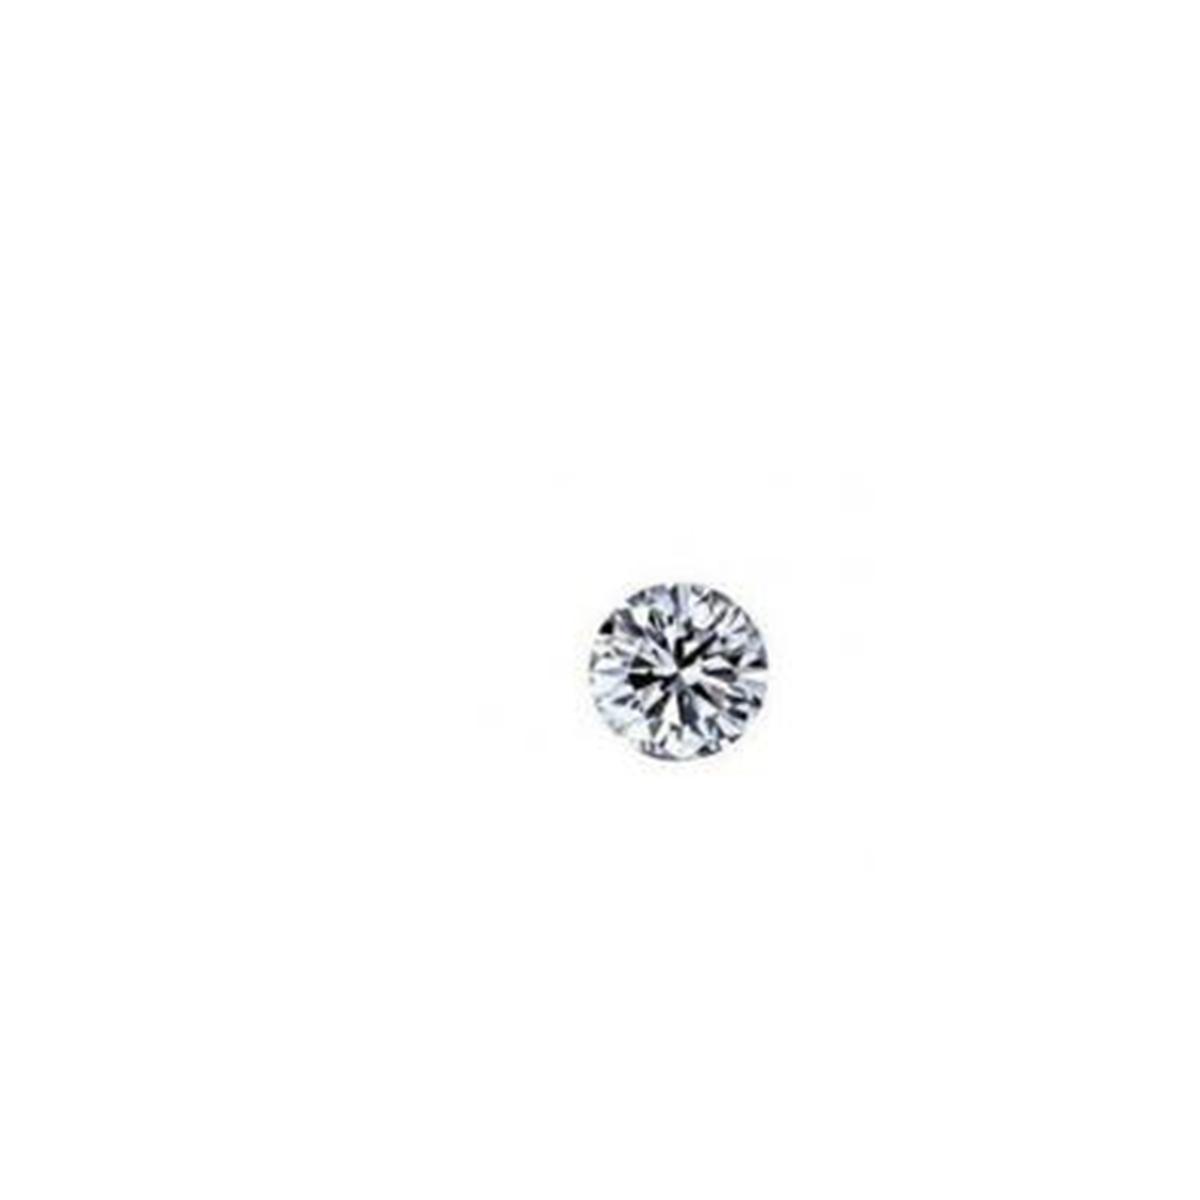 鸾凤珠宝 GIA证书 50分 净度VVS1 颜色F 切工VGEXVG 裸钻石特价